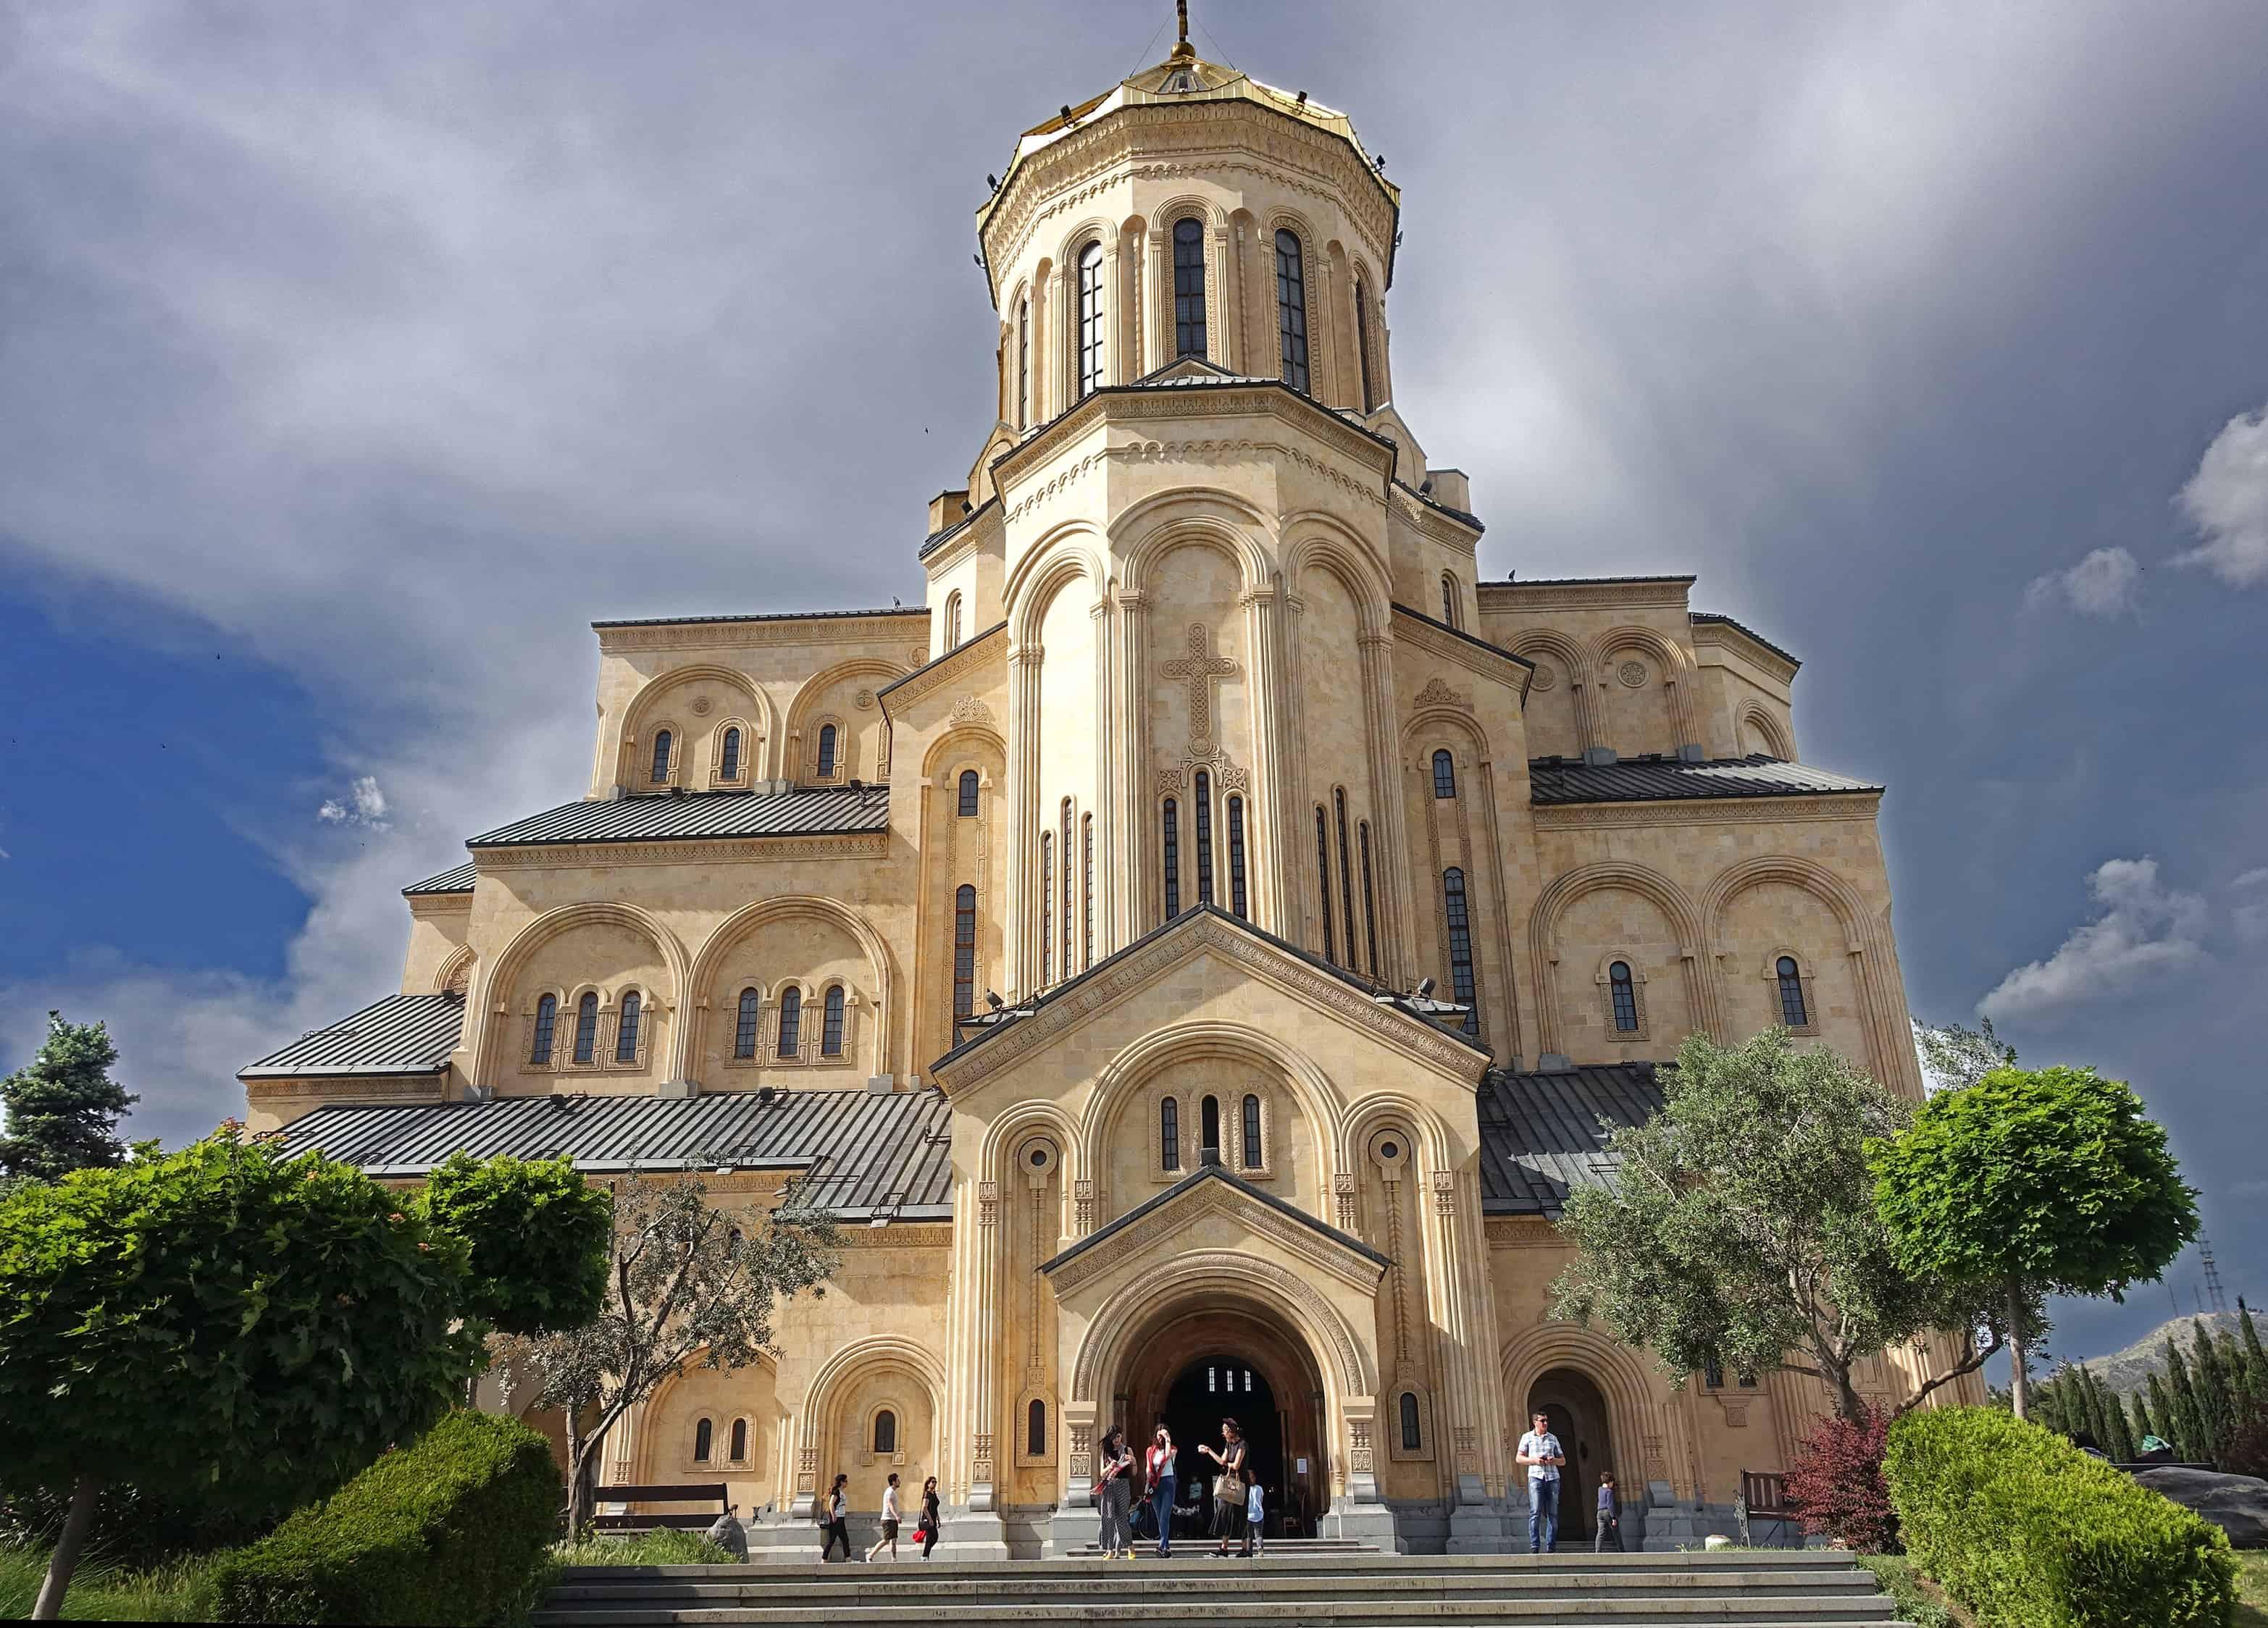 كنيسة كاتدرائية تسميندا ساميبا تبليسي جورجيا